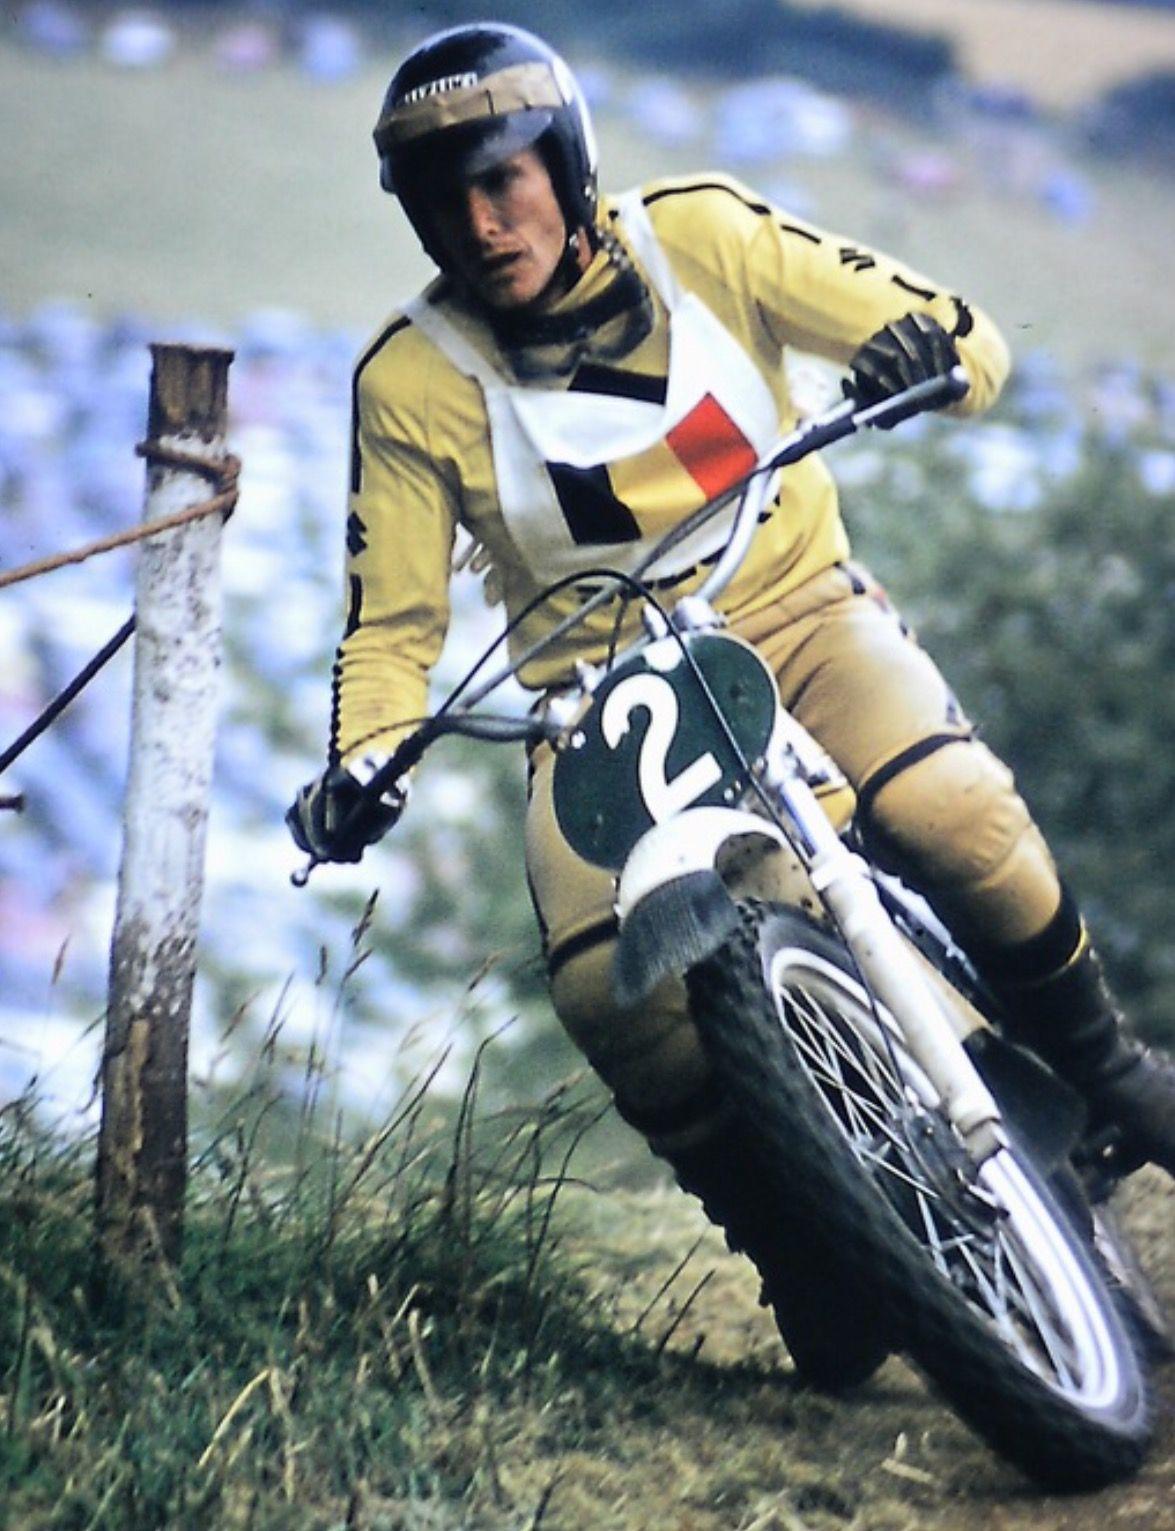 Danny A Sylvain Geboers Dirt Bike Legends Pinterest Dirt